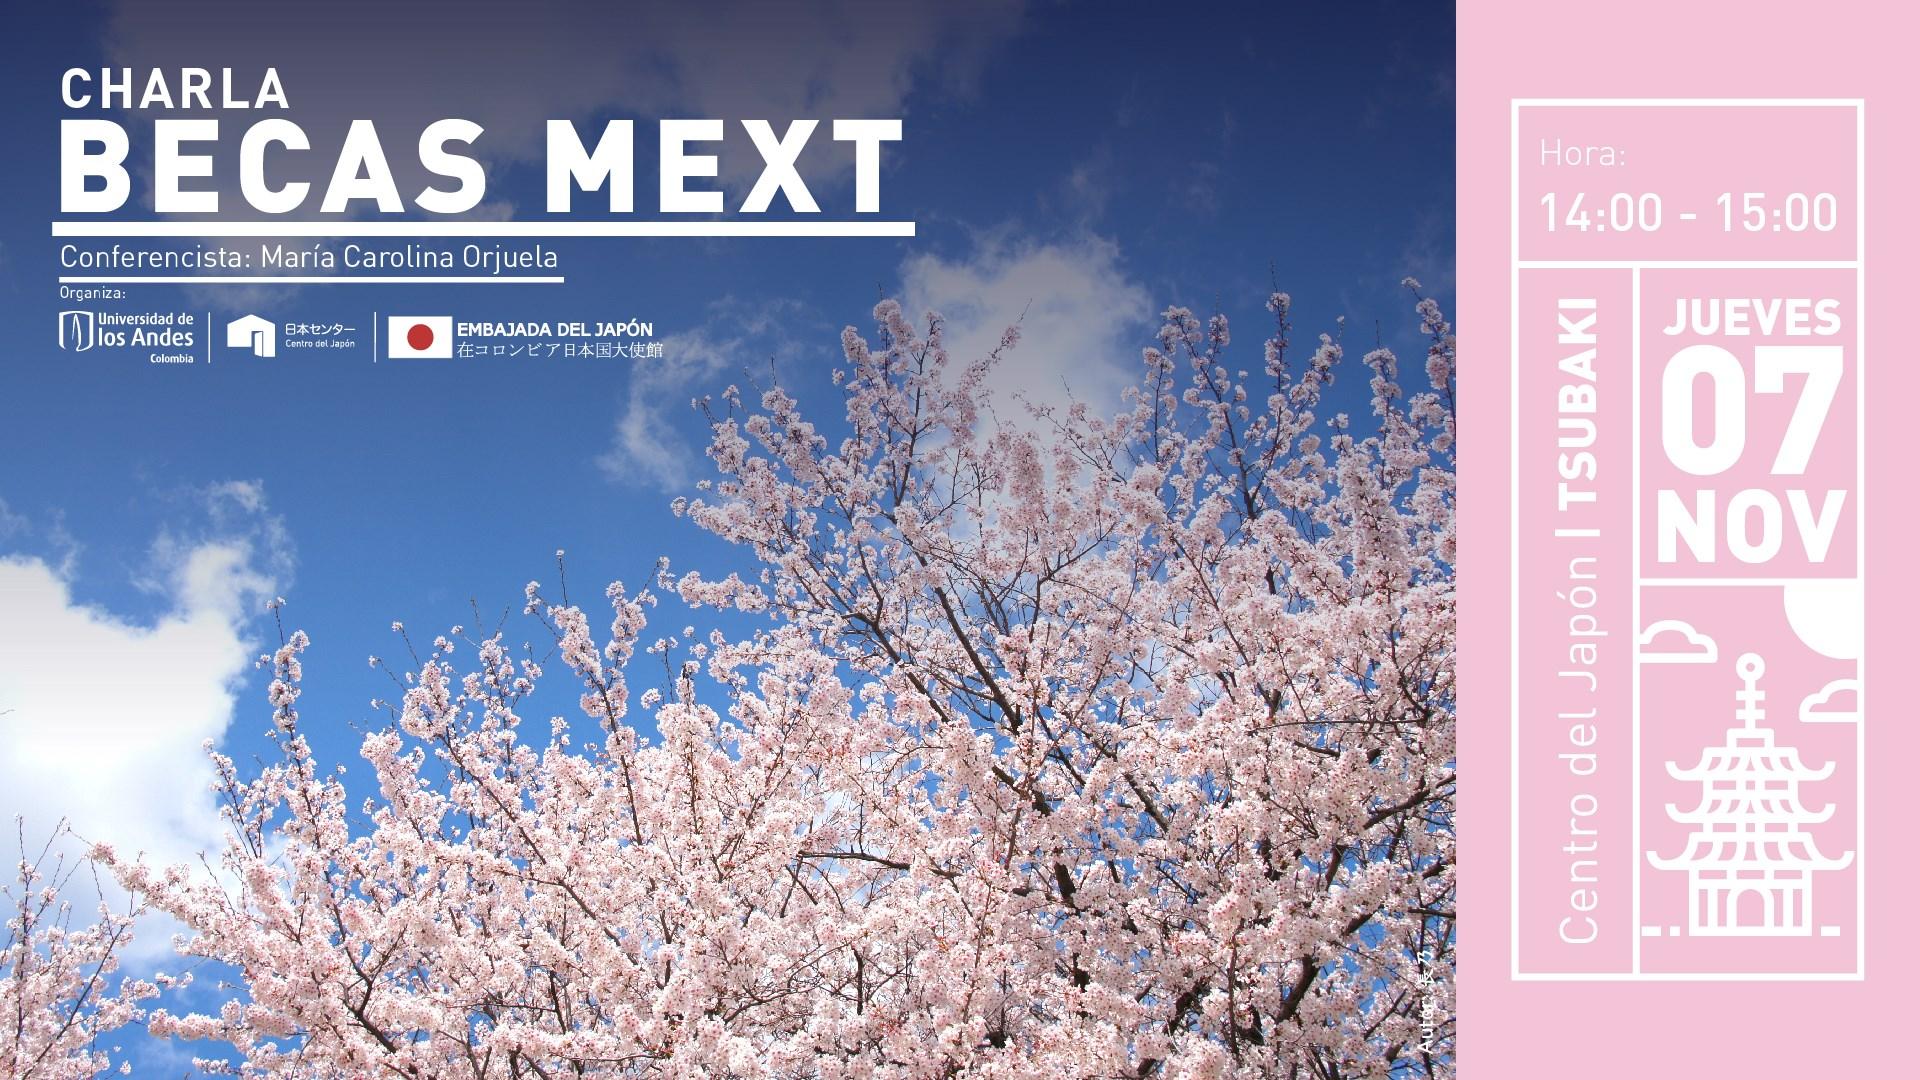 Charla sobre becas del MEXT en Japón (noviembre 2019)